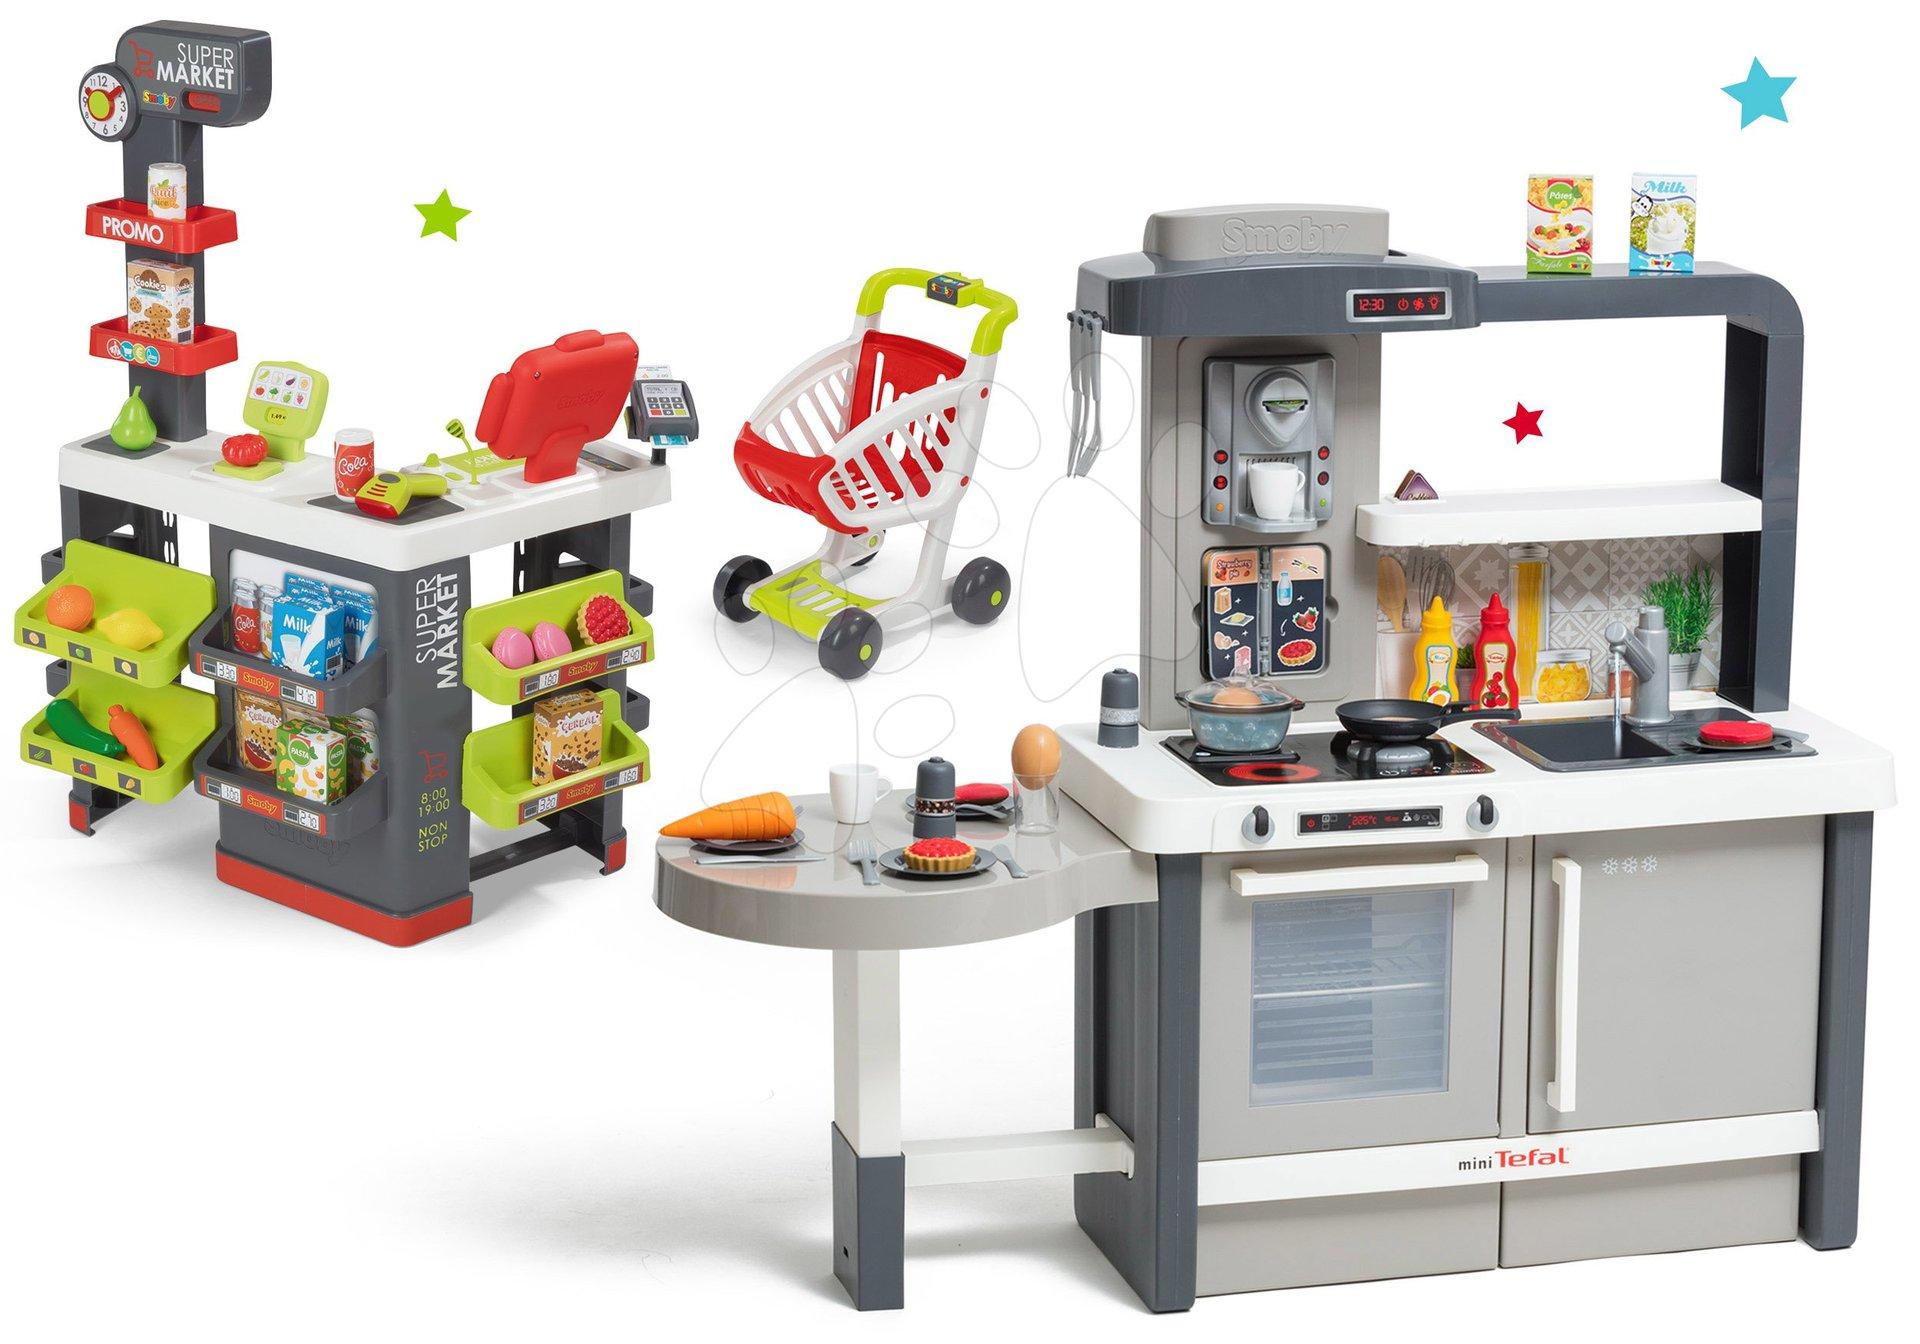 Set kuchyňka rostoucí s tekoucí vodou Tefal Evolutive Smoby a supermarket s elektronickou pokladnou, čtečkou a vozíkem